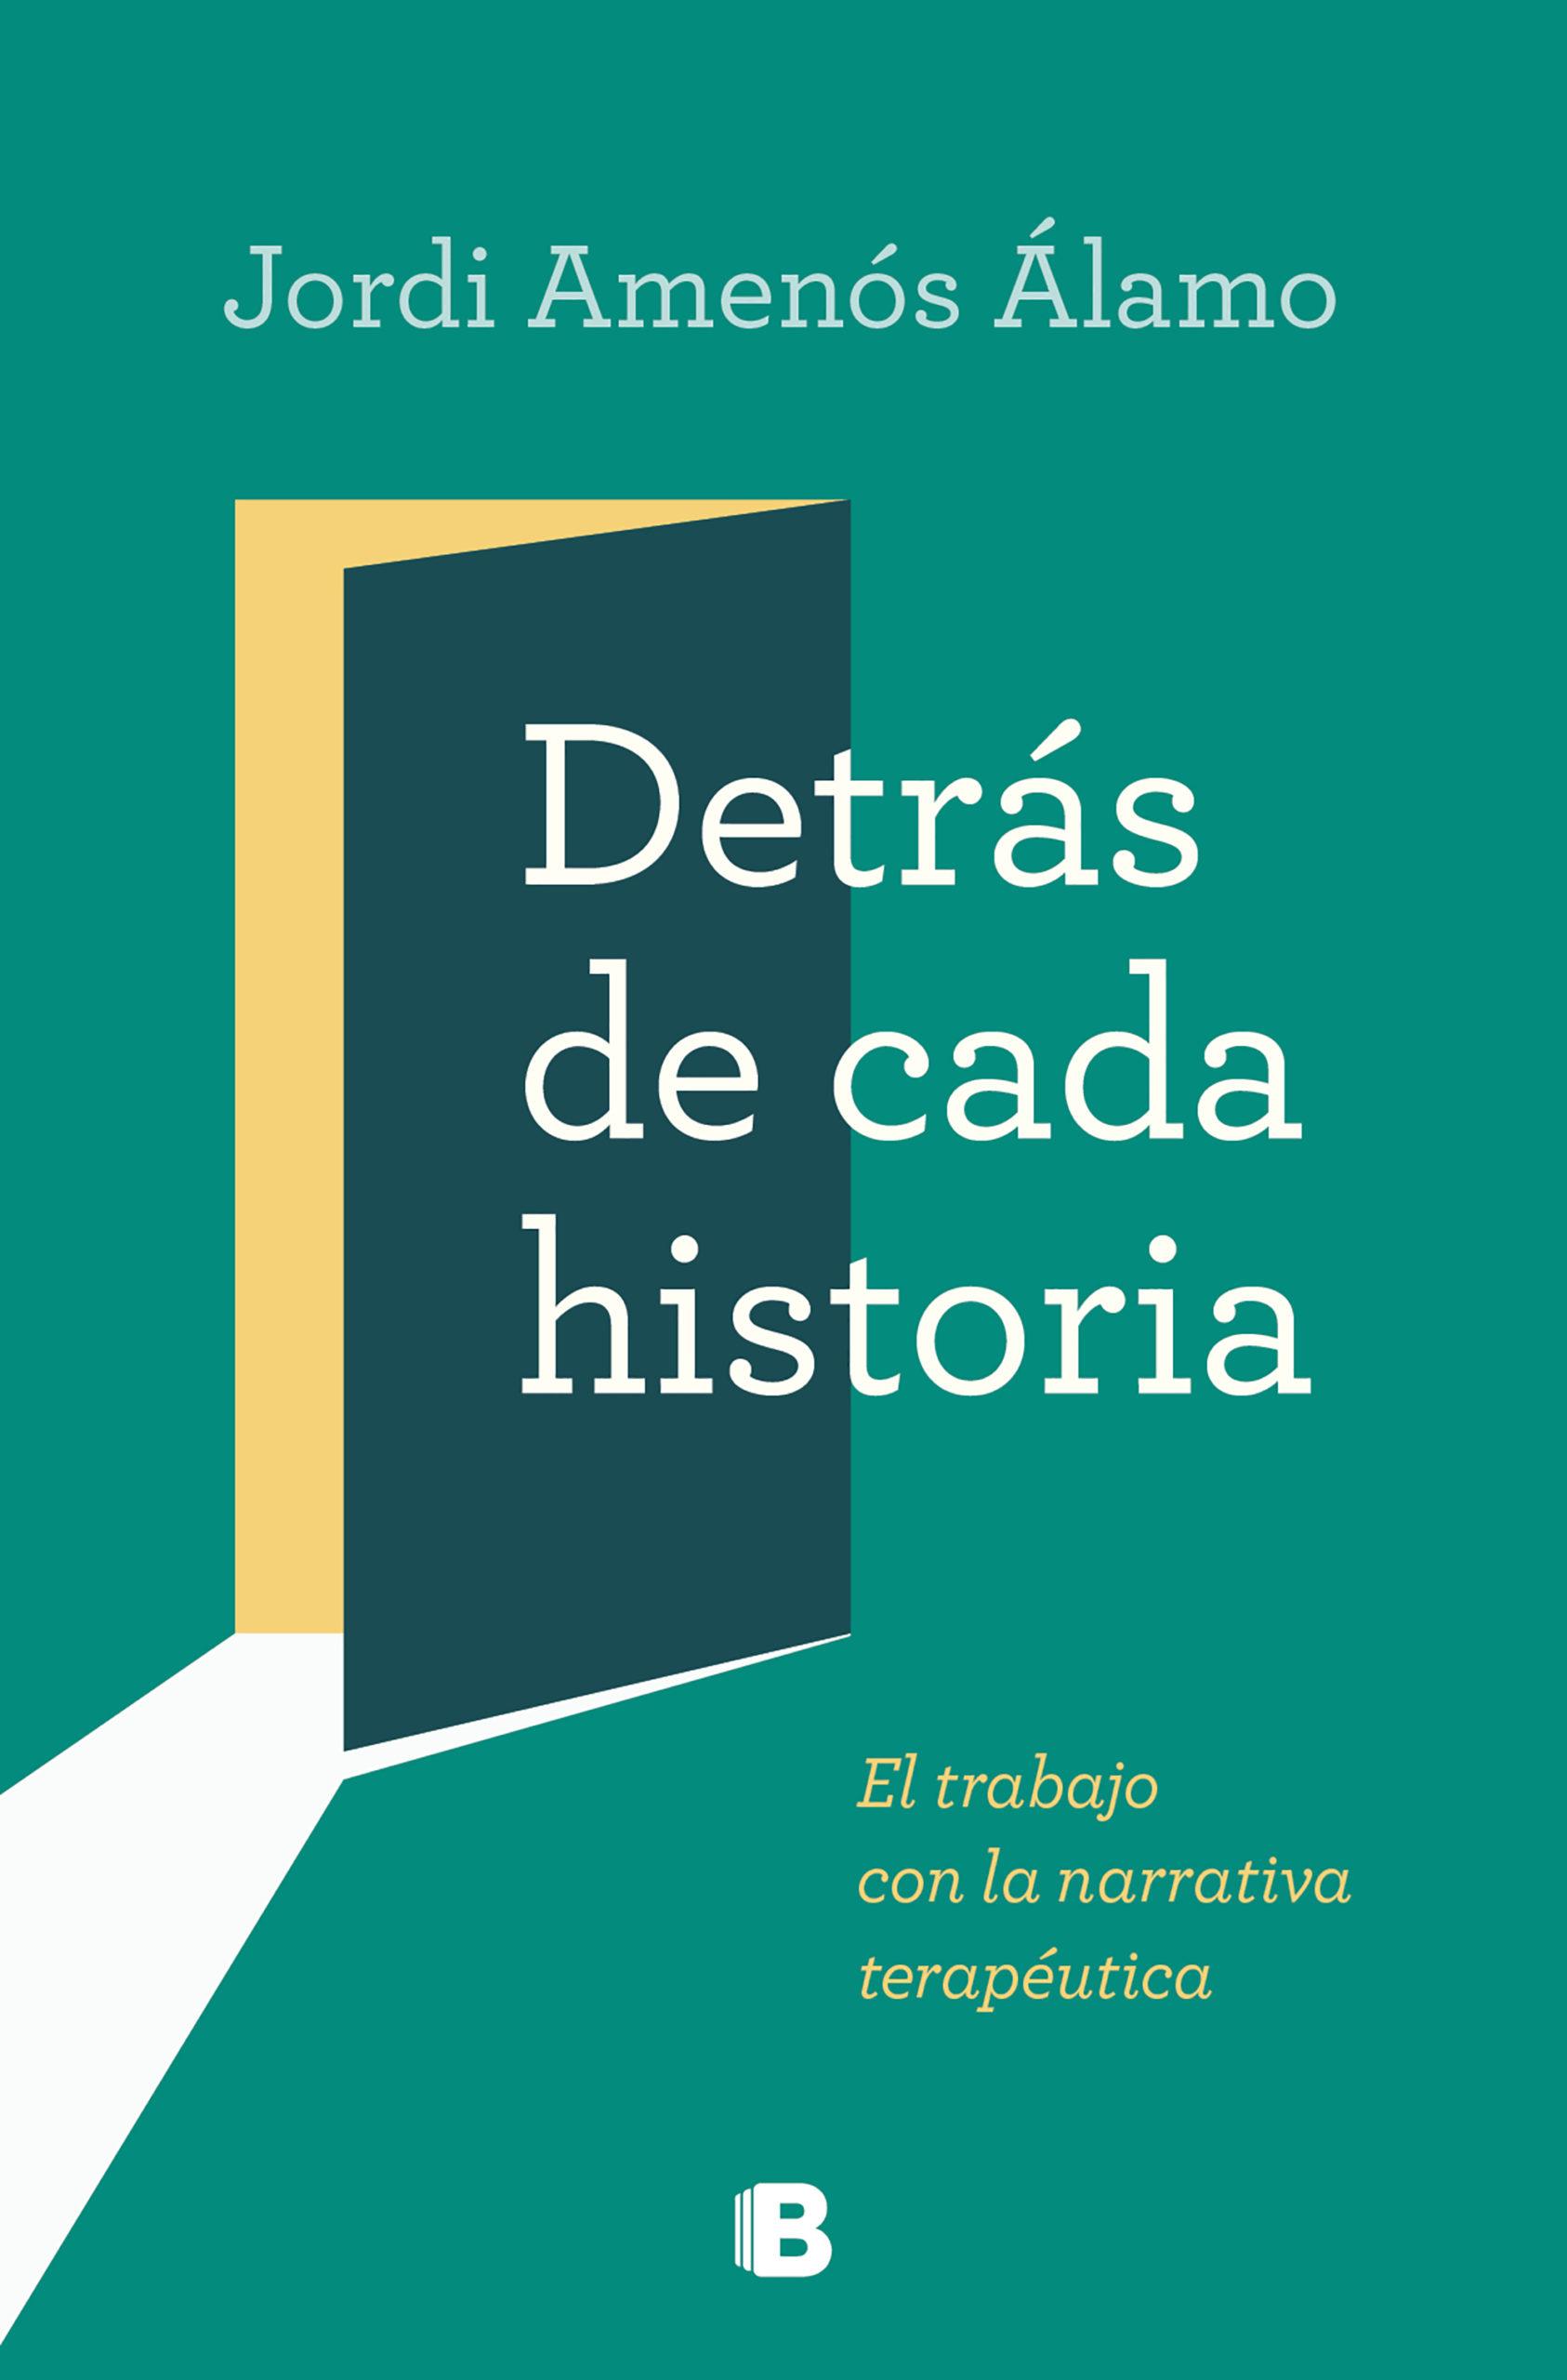 Detrás de cada historia Jordi Amenos